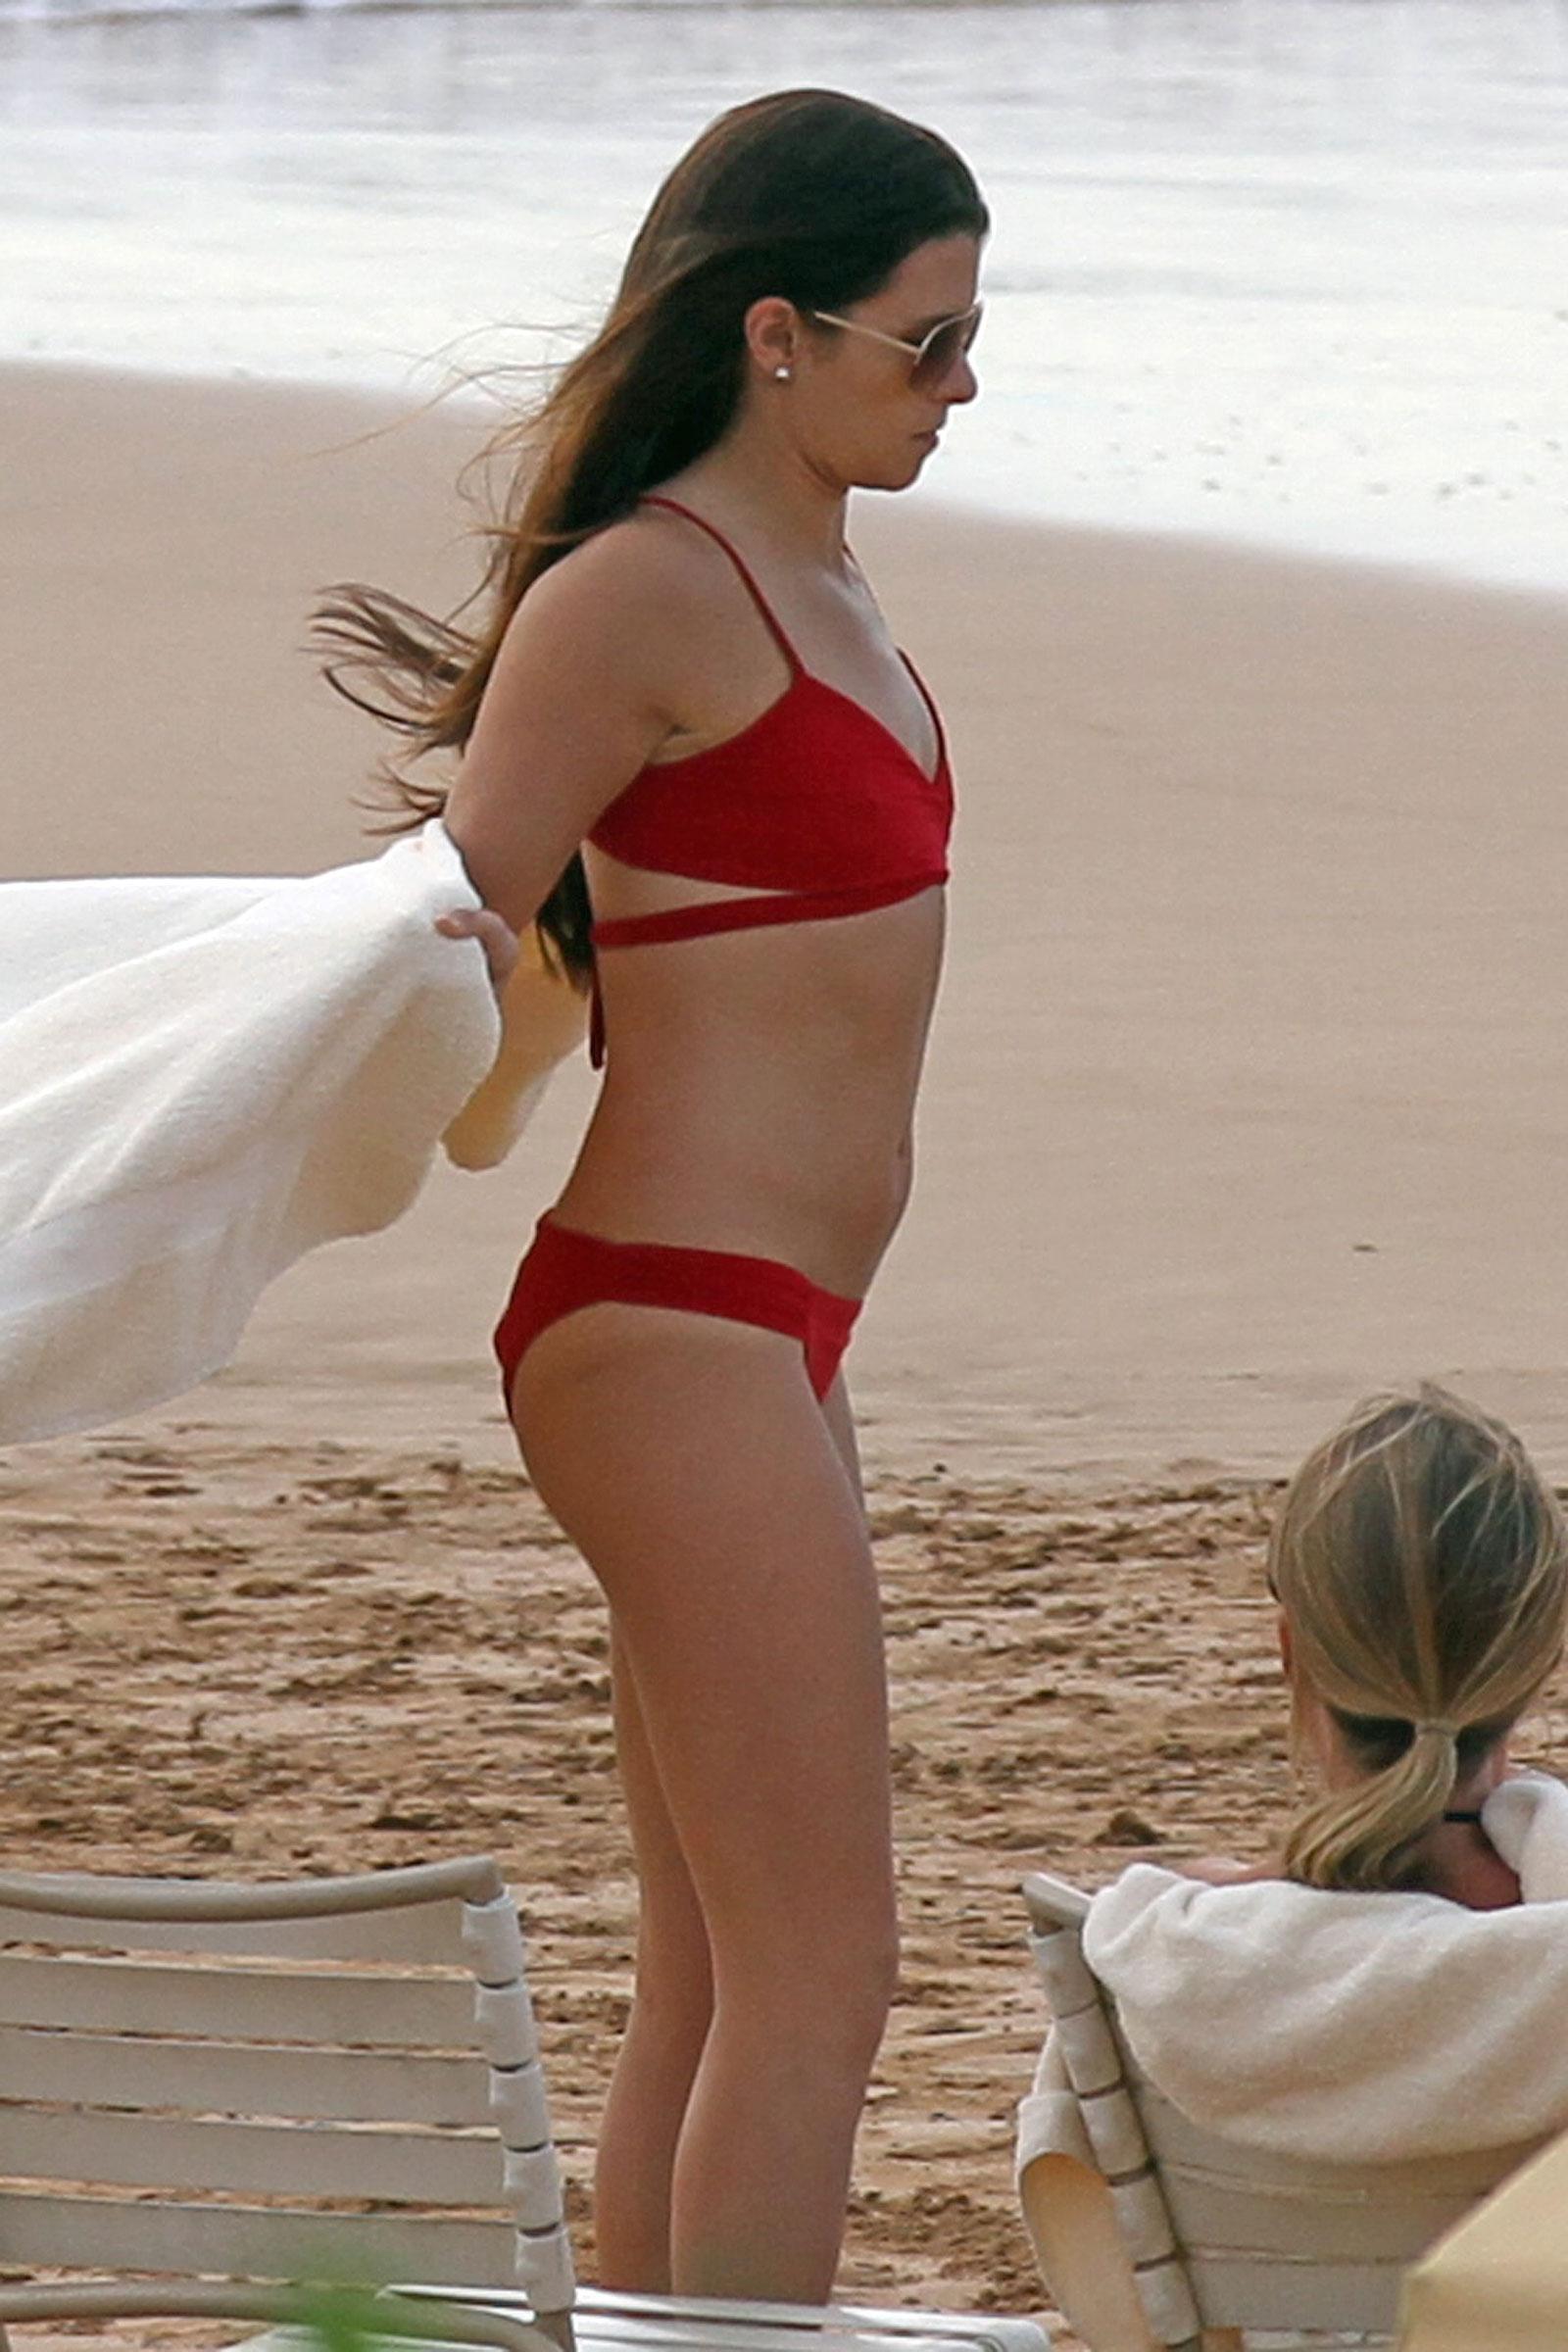 photos Dania patrick bikini